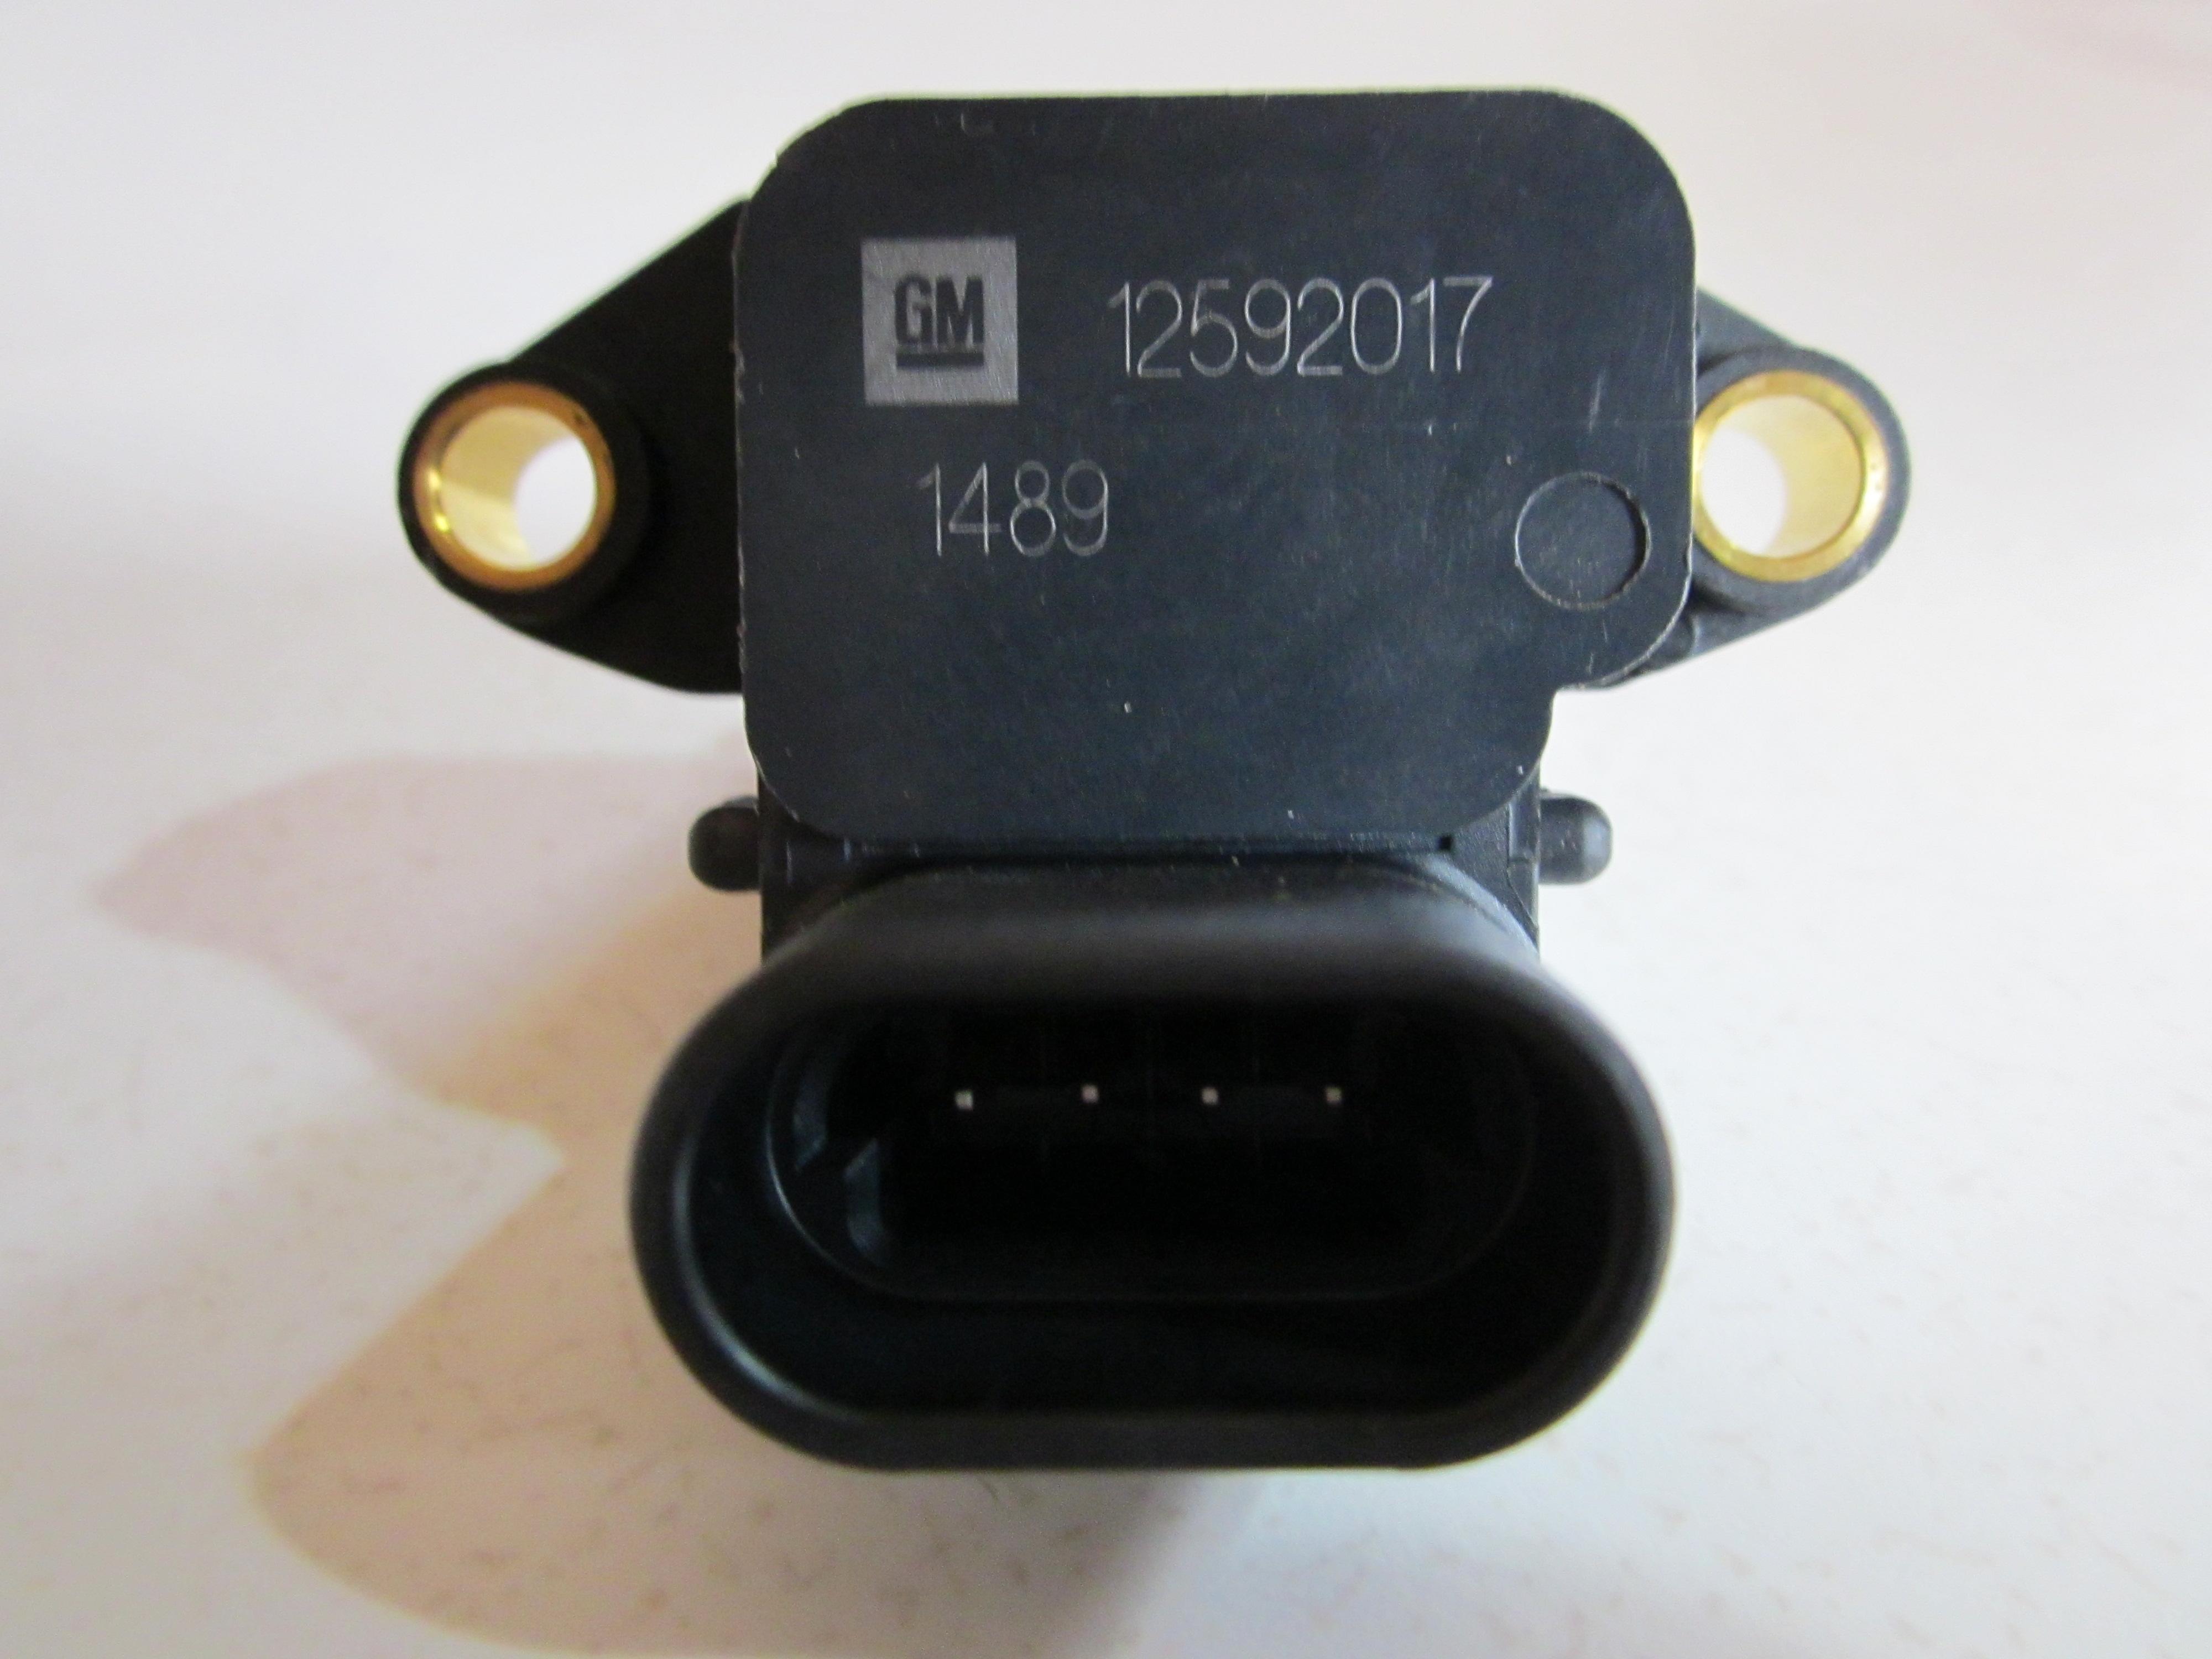 12592017, Sensor GM part